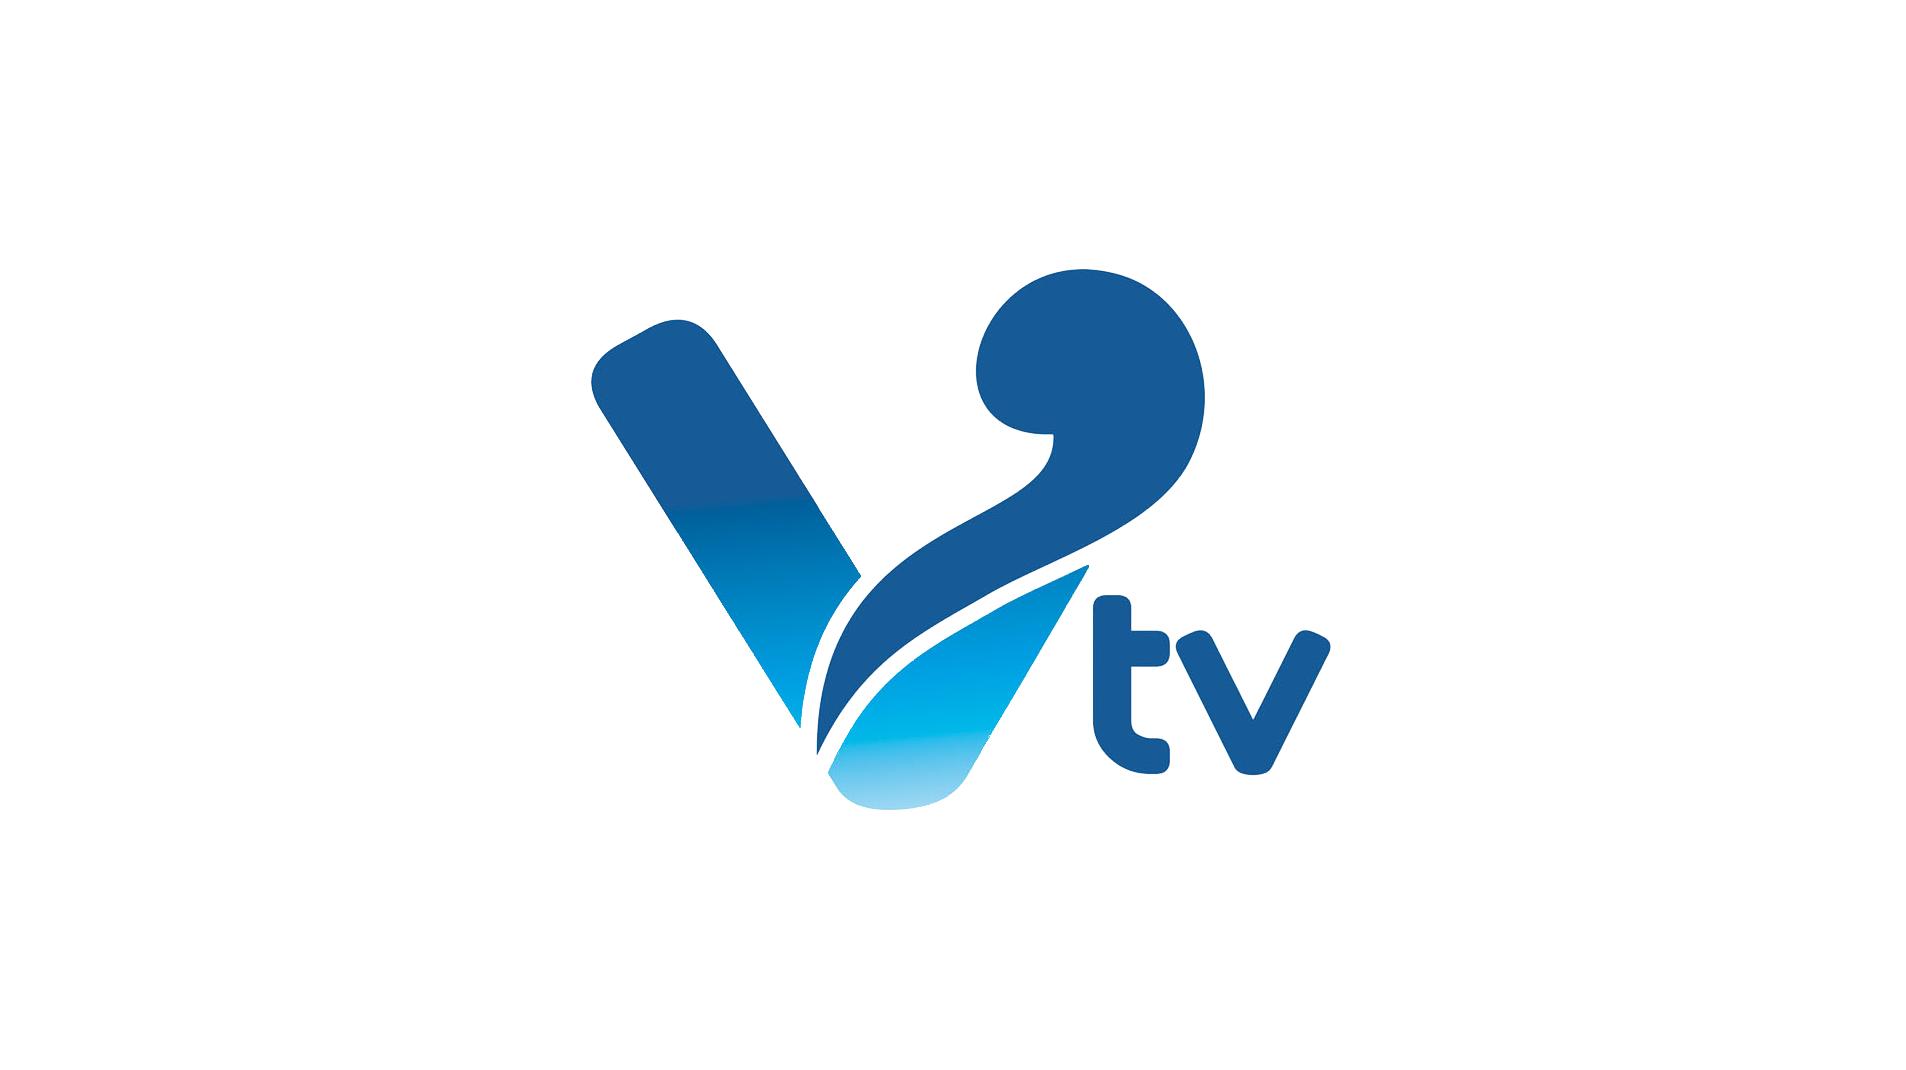 www.ktv.live.com